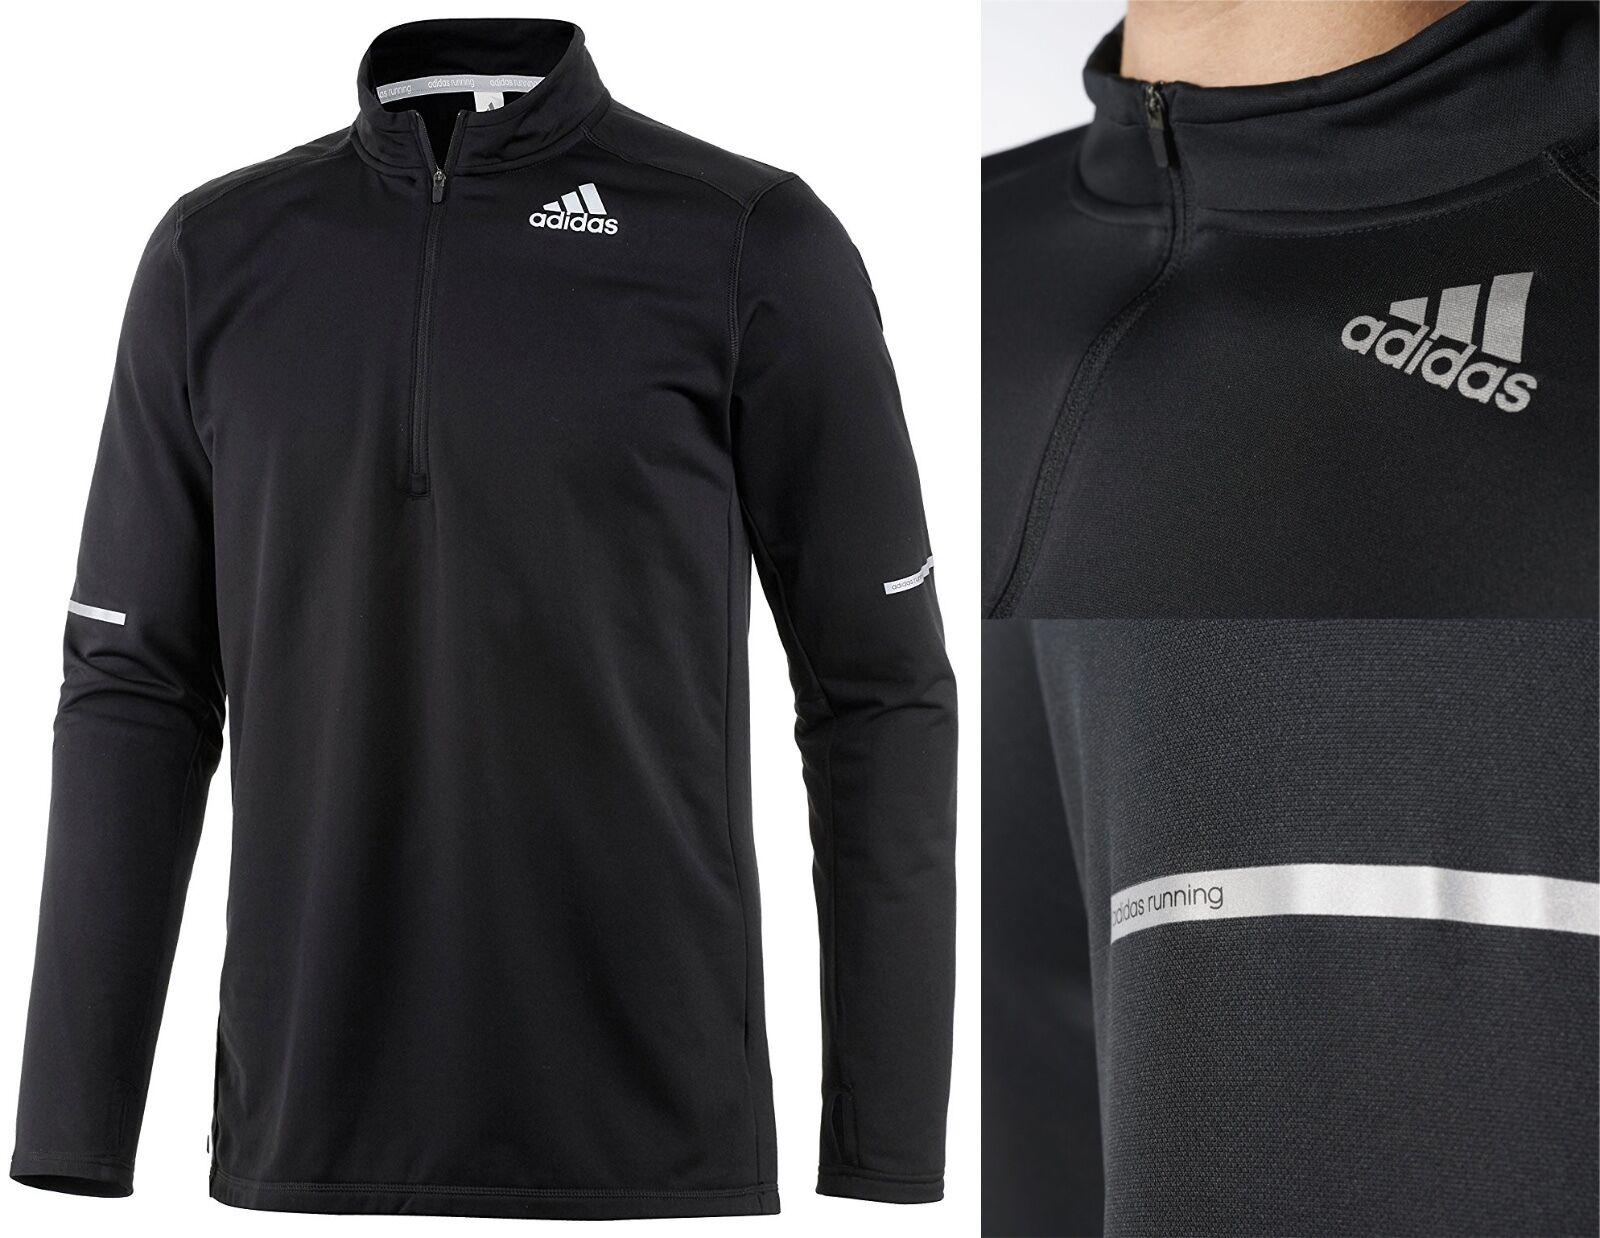 Adidas Running Sequencials 1 4 Zip Clima Cool Long Sleeve Shirt RRP S M L XL